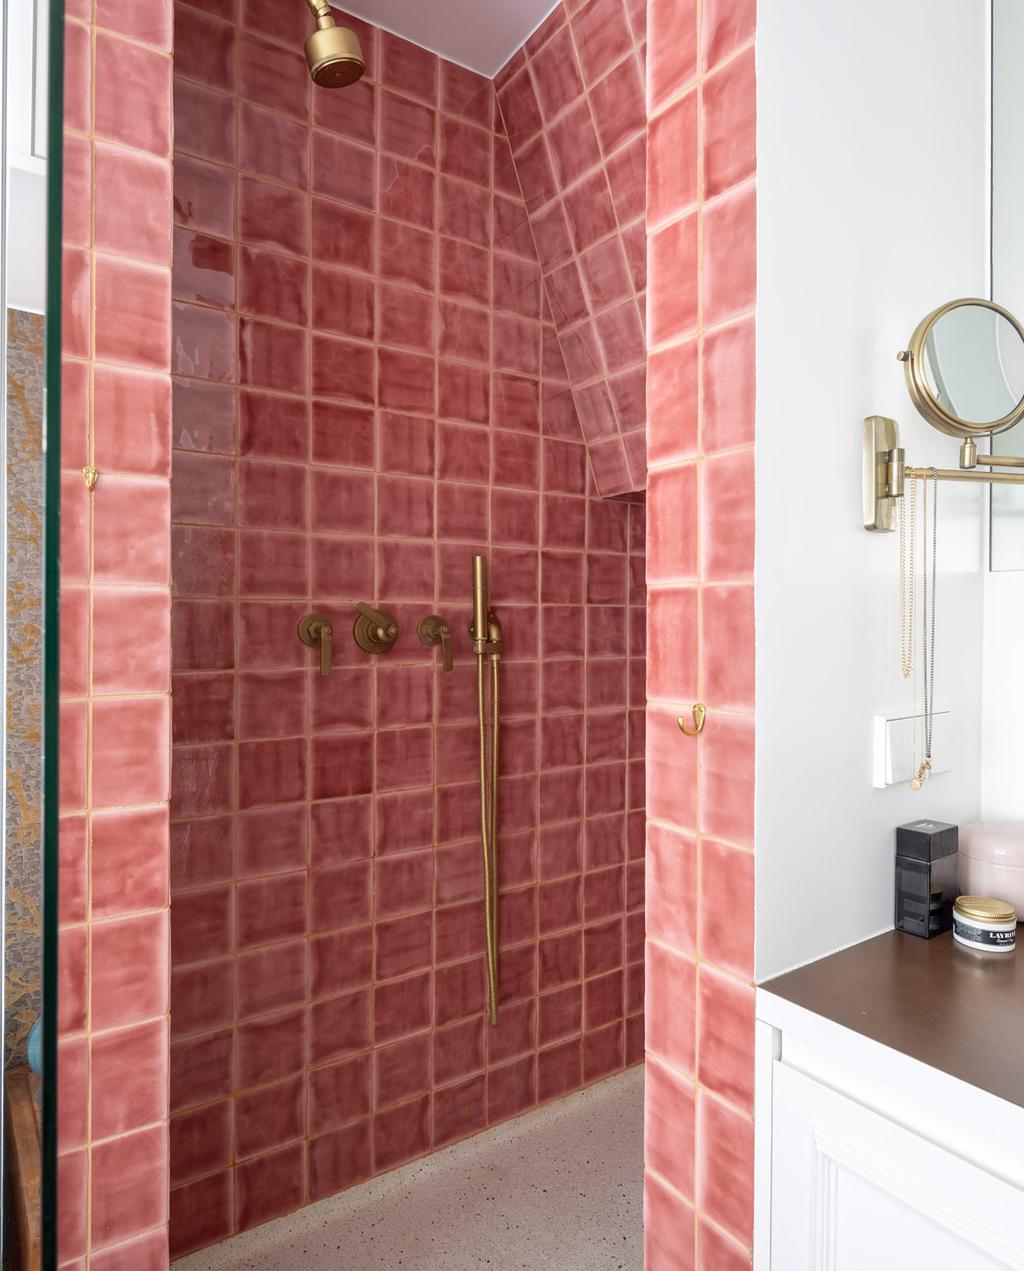 vtwonen special tiny houses | douche met luxe hotel sfeer en roze tegels